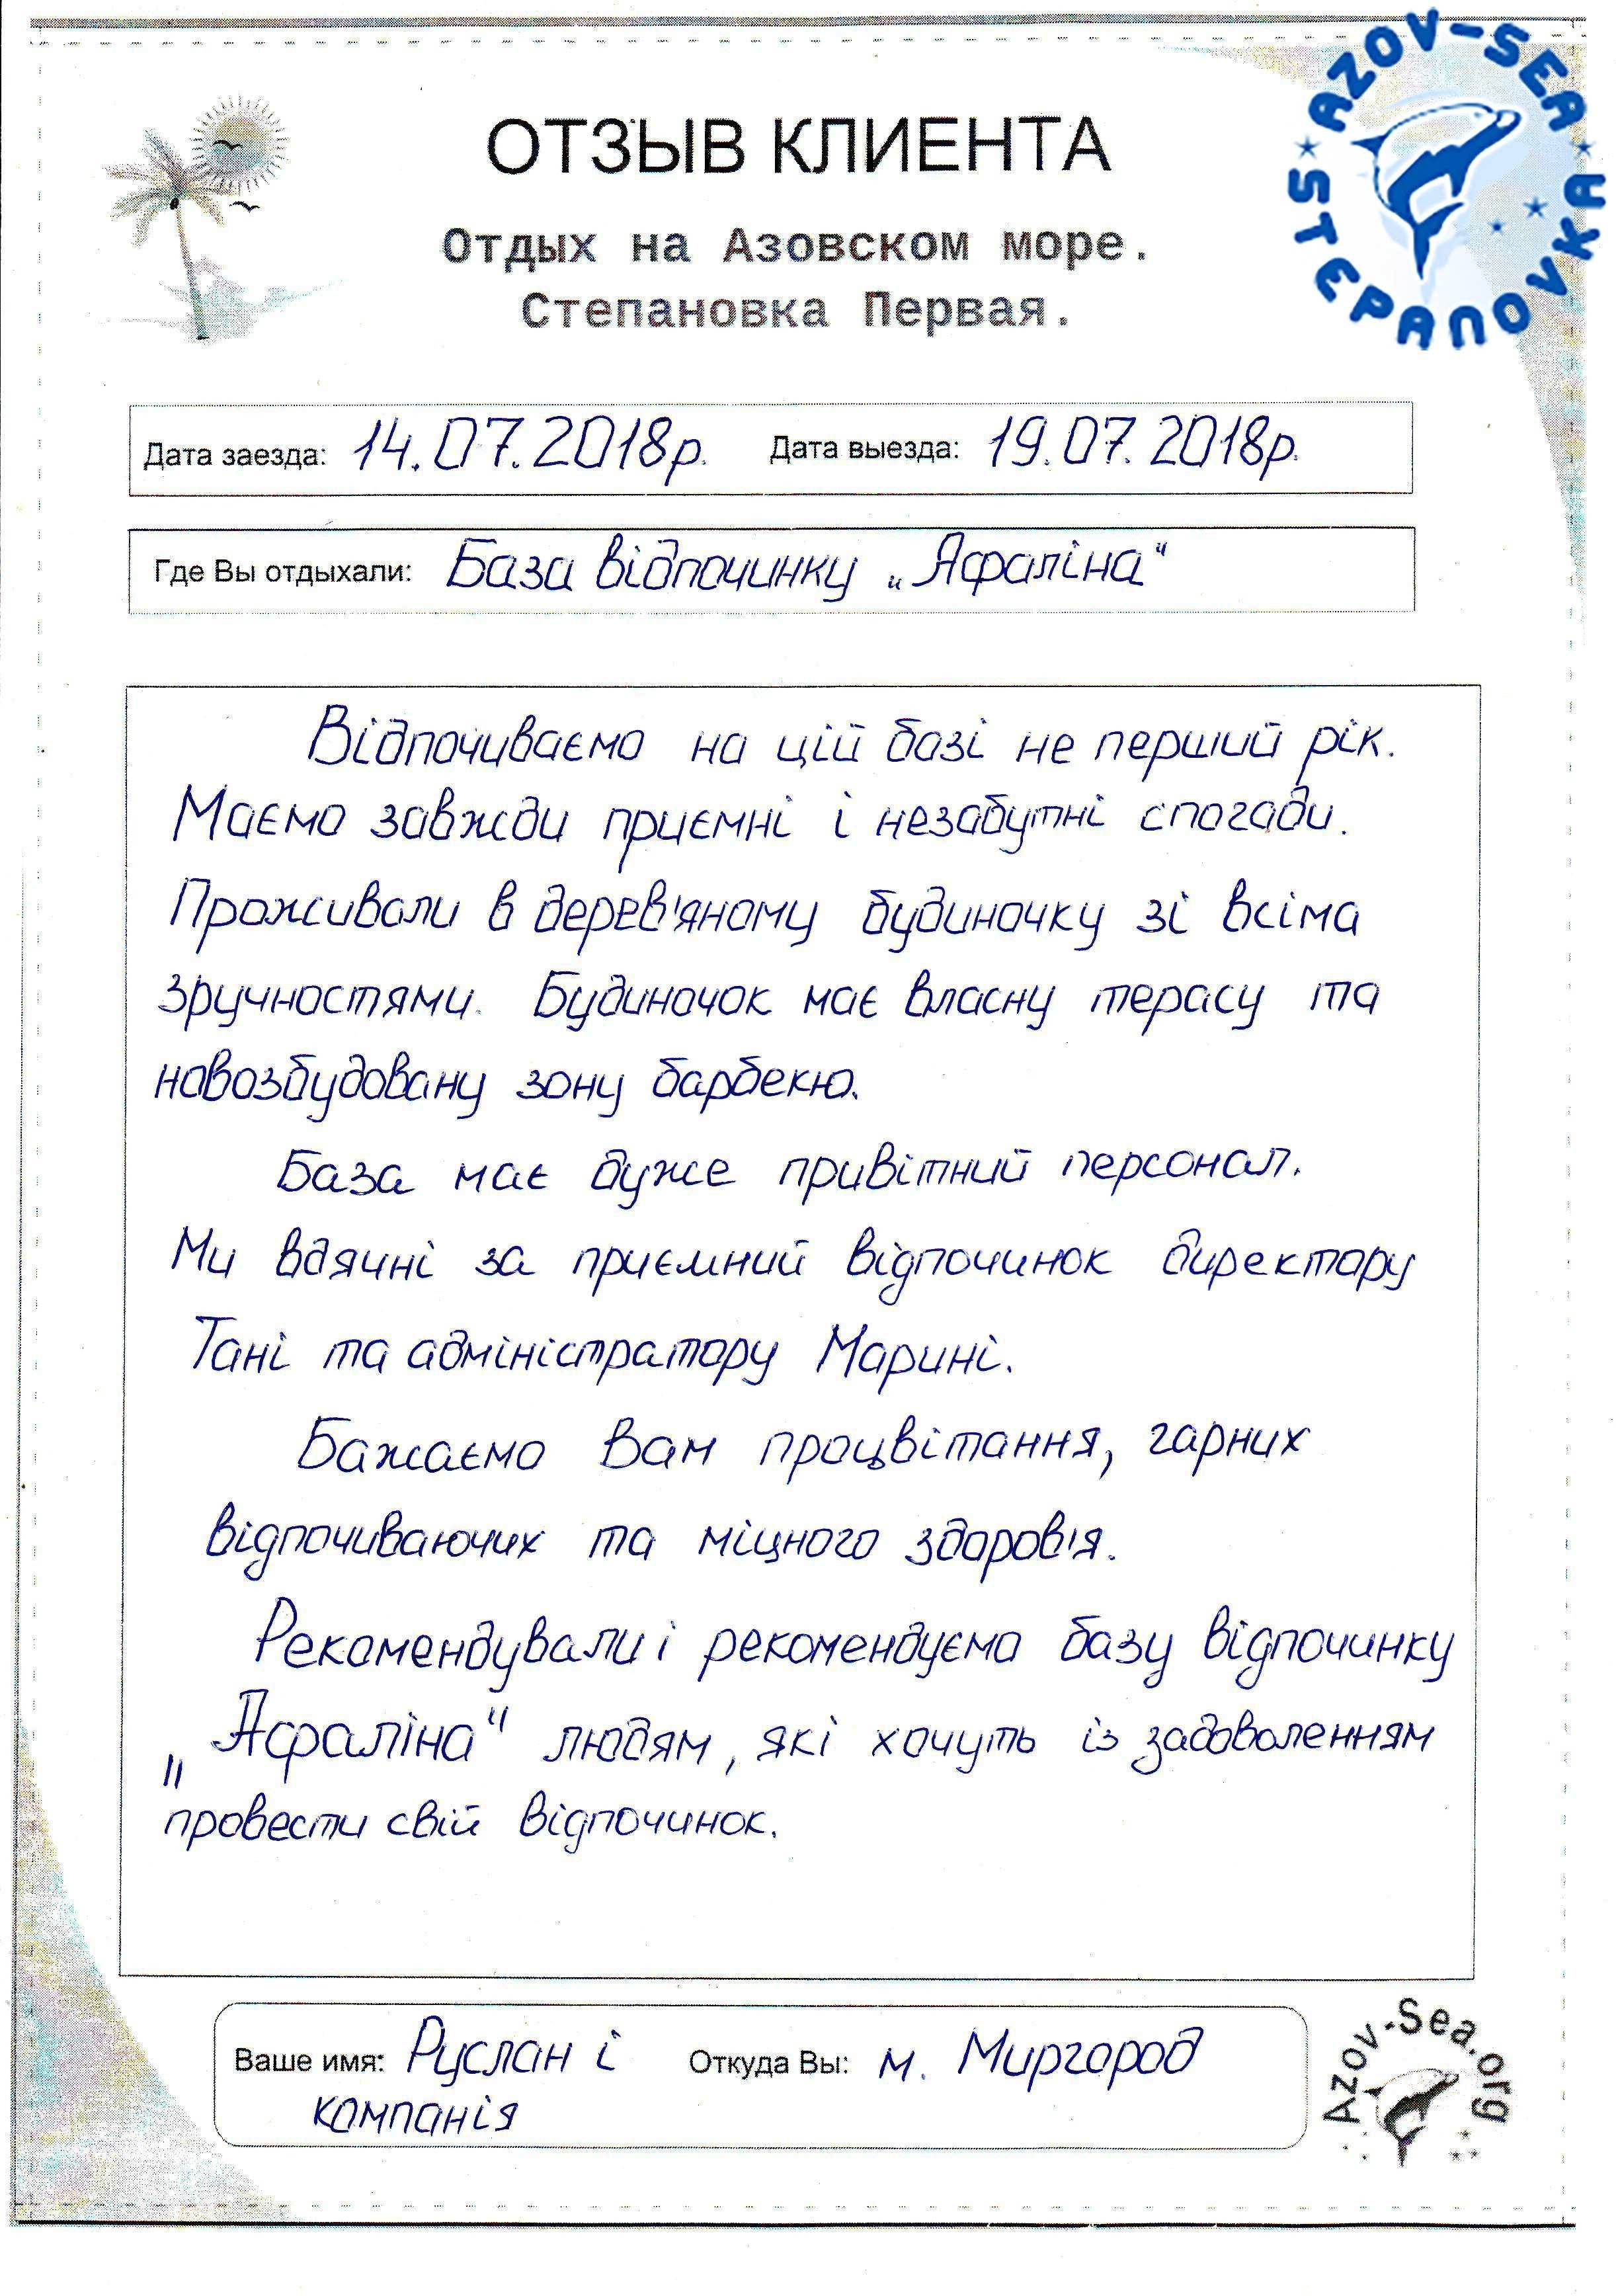 Степановка Первая. Деревянный сруб